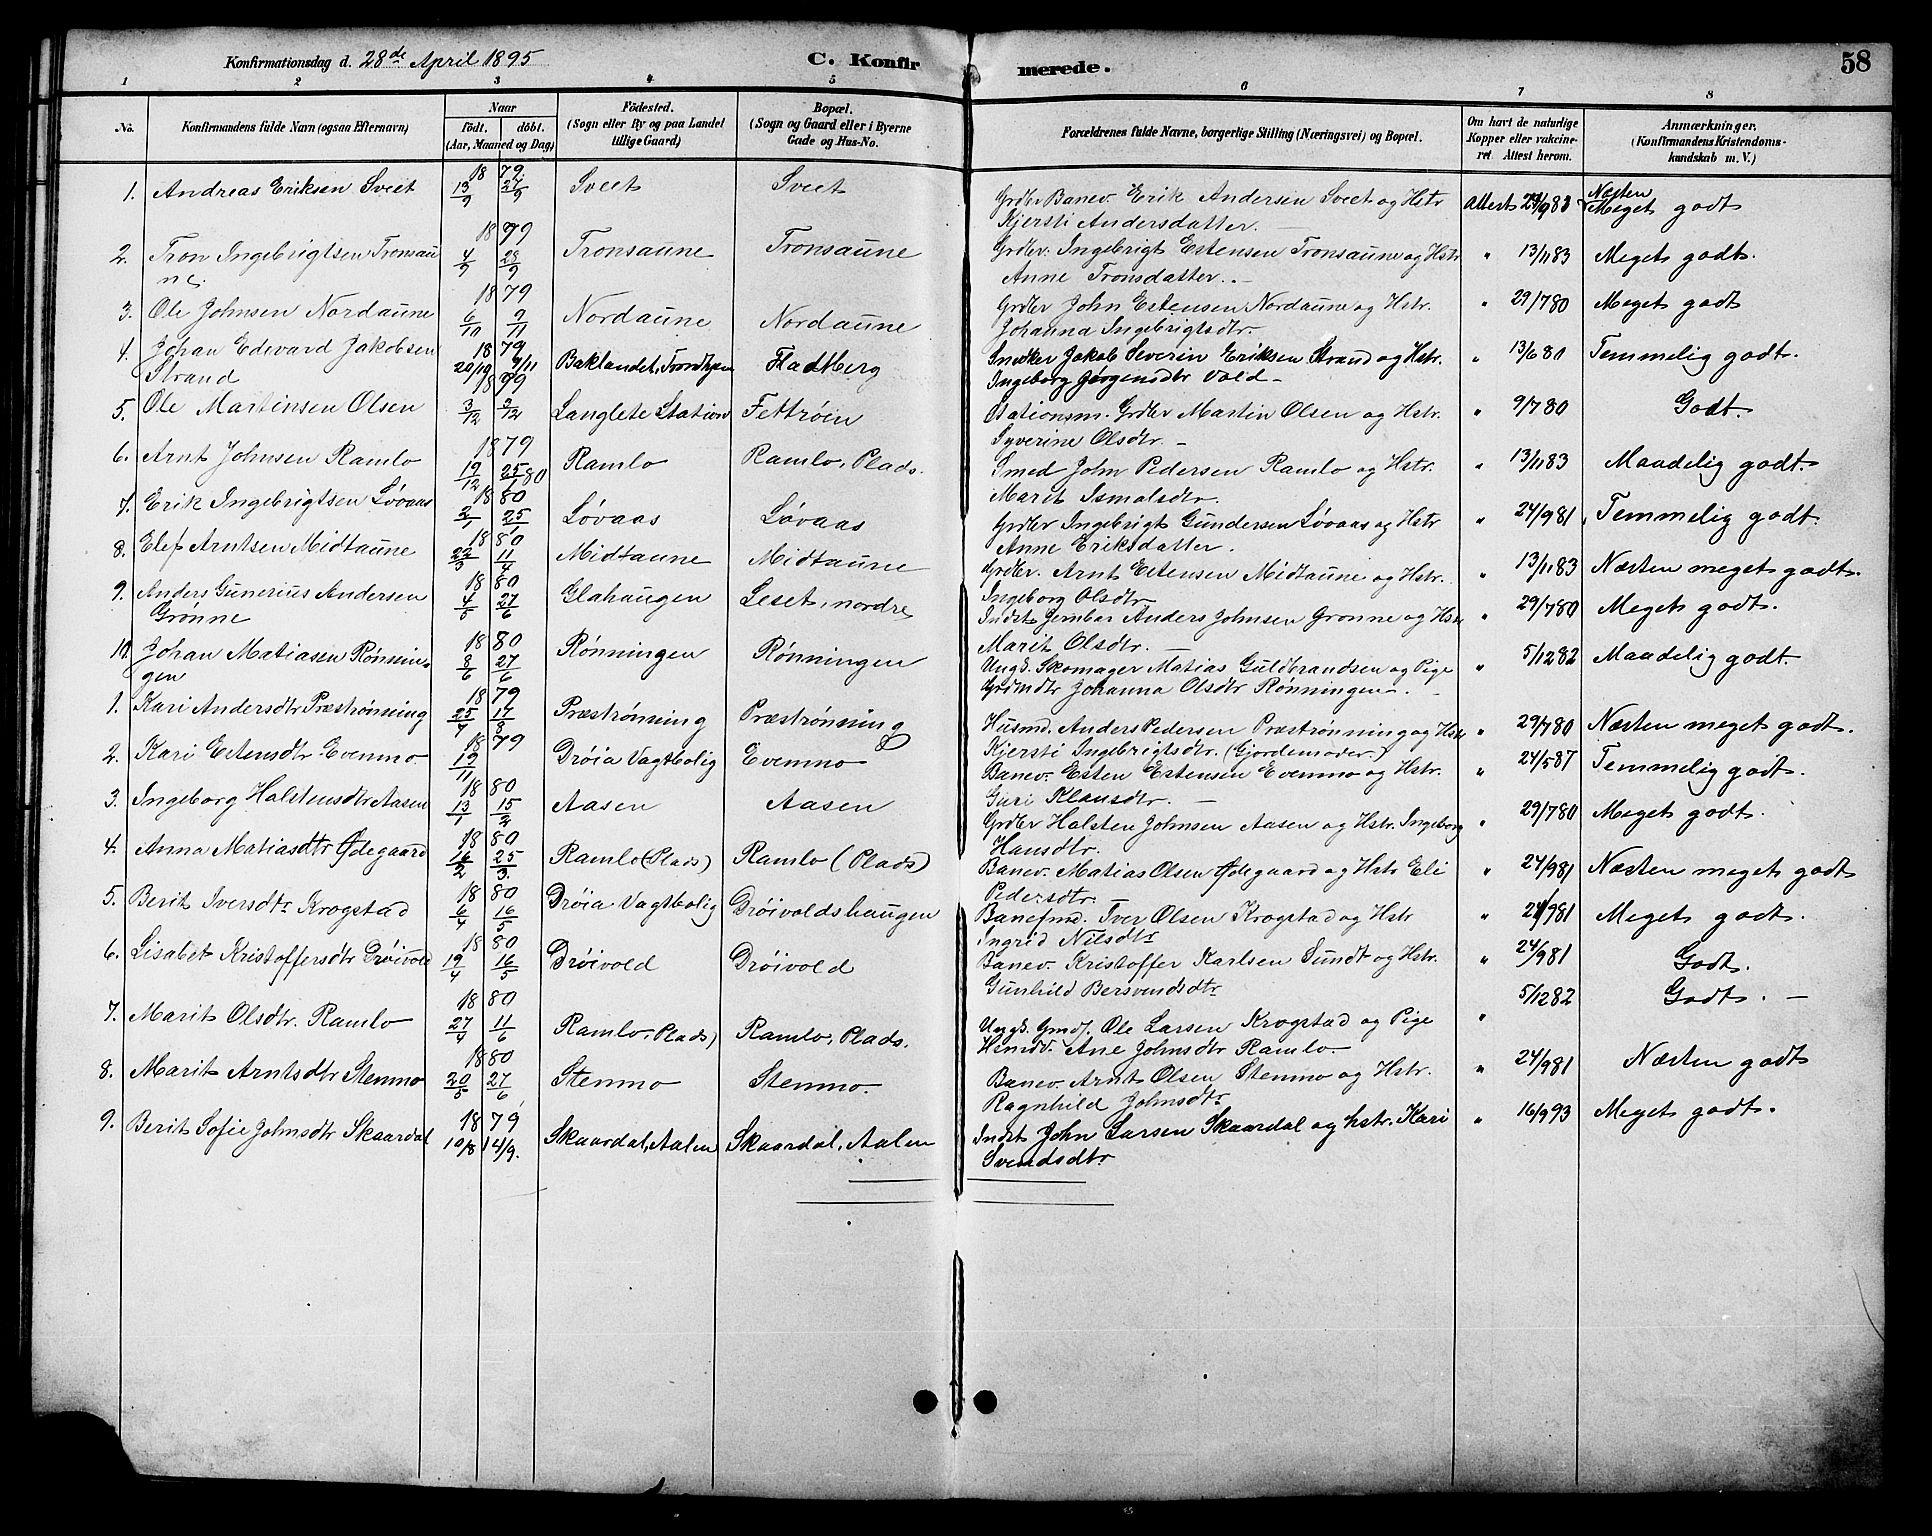 SAT, Ministerialprotokoller, klokkerbøker og fødselsregistre - Sør-Trøndelag, 685/L0978: Klokkerbok nr. 685C03, 1891-1907, s. 58